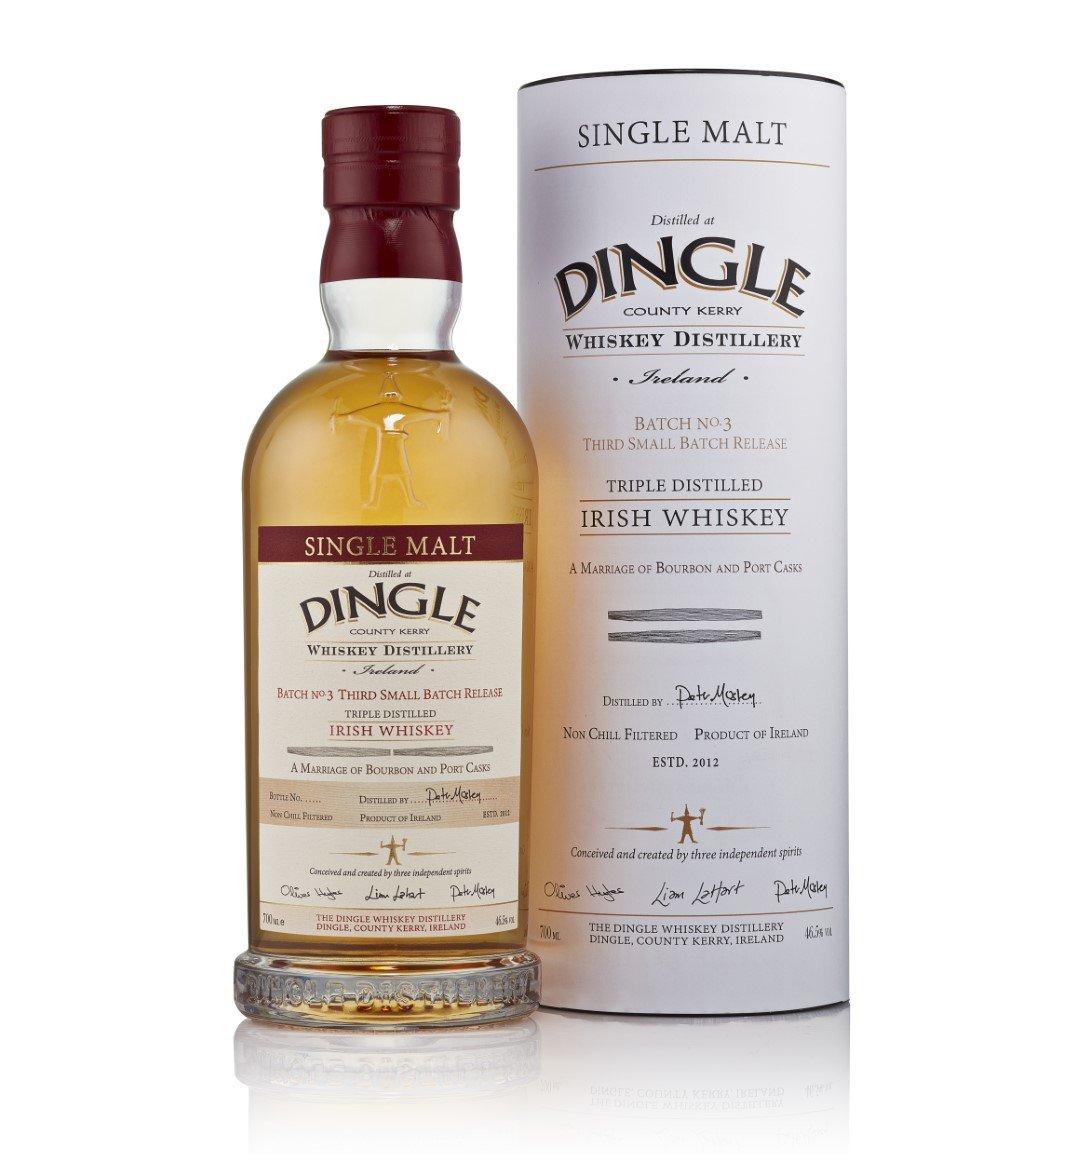 Dingle Single Malt Whiskey Batch No. 3